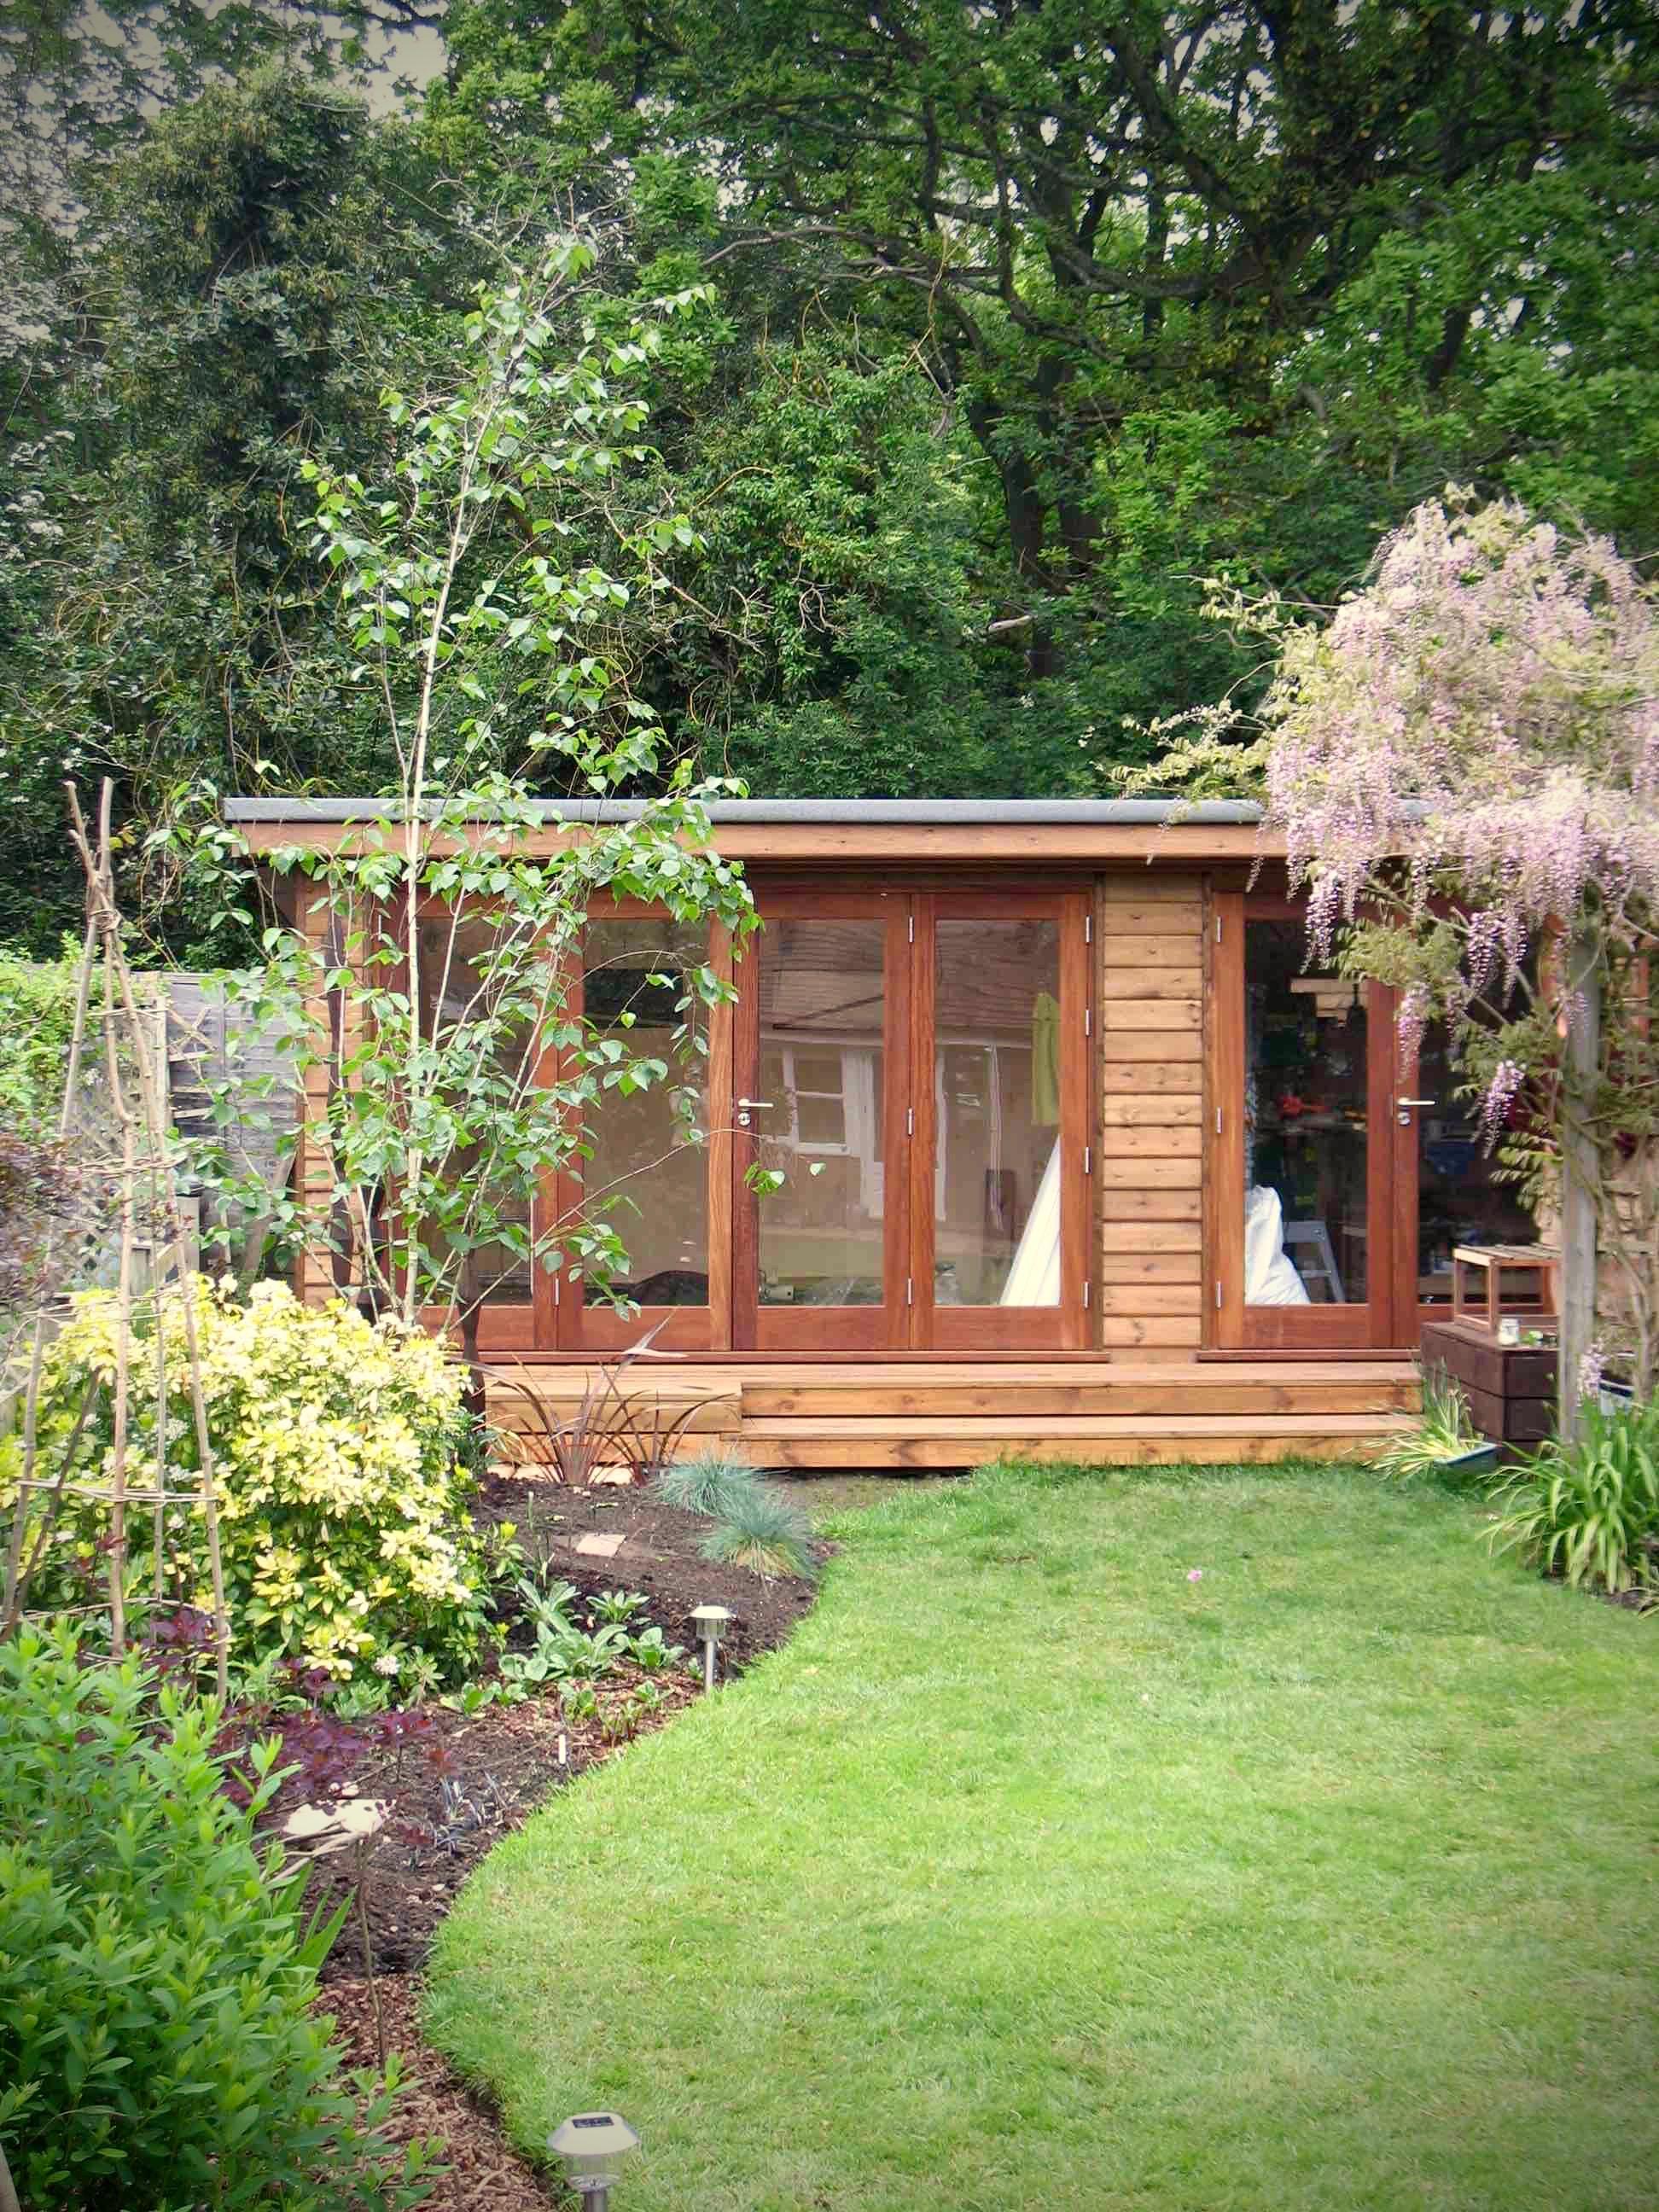 Liss garden studio